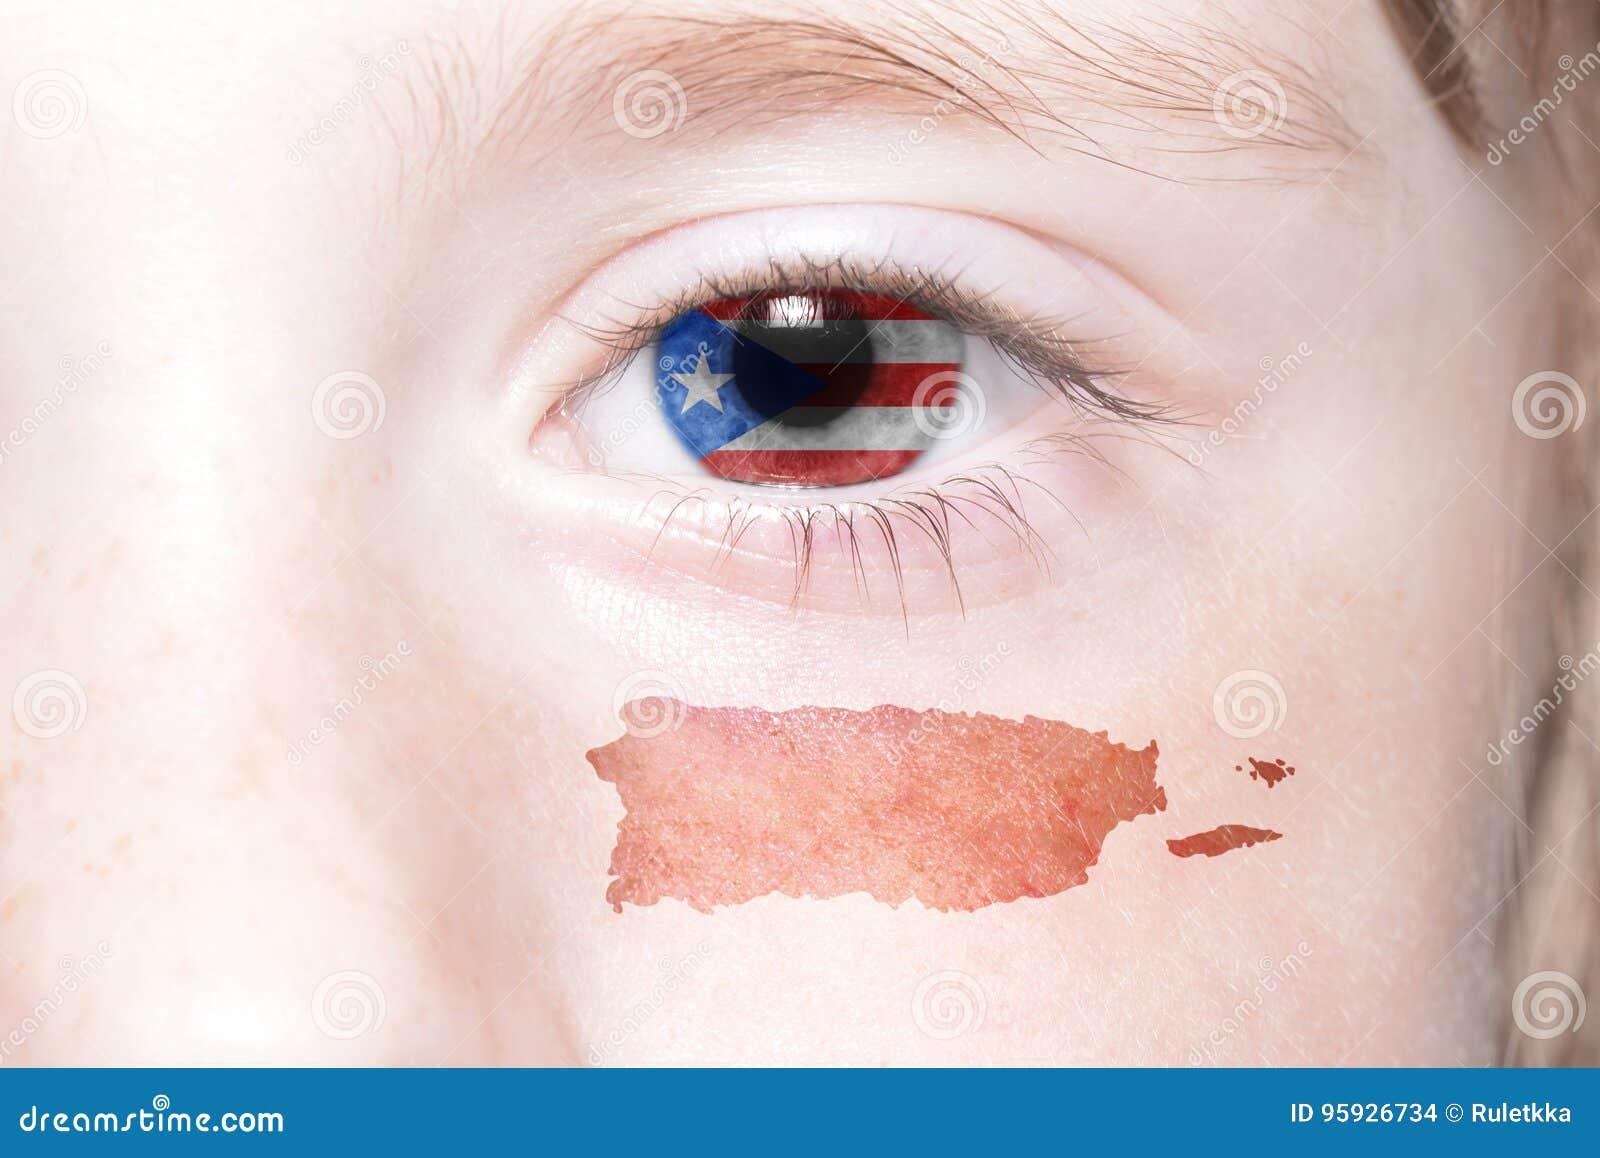 Human& x27; cara de s con la bandera nacional y el mapa de Puerto Rico